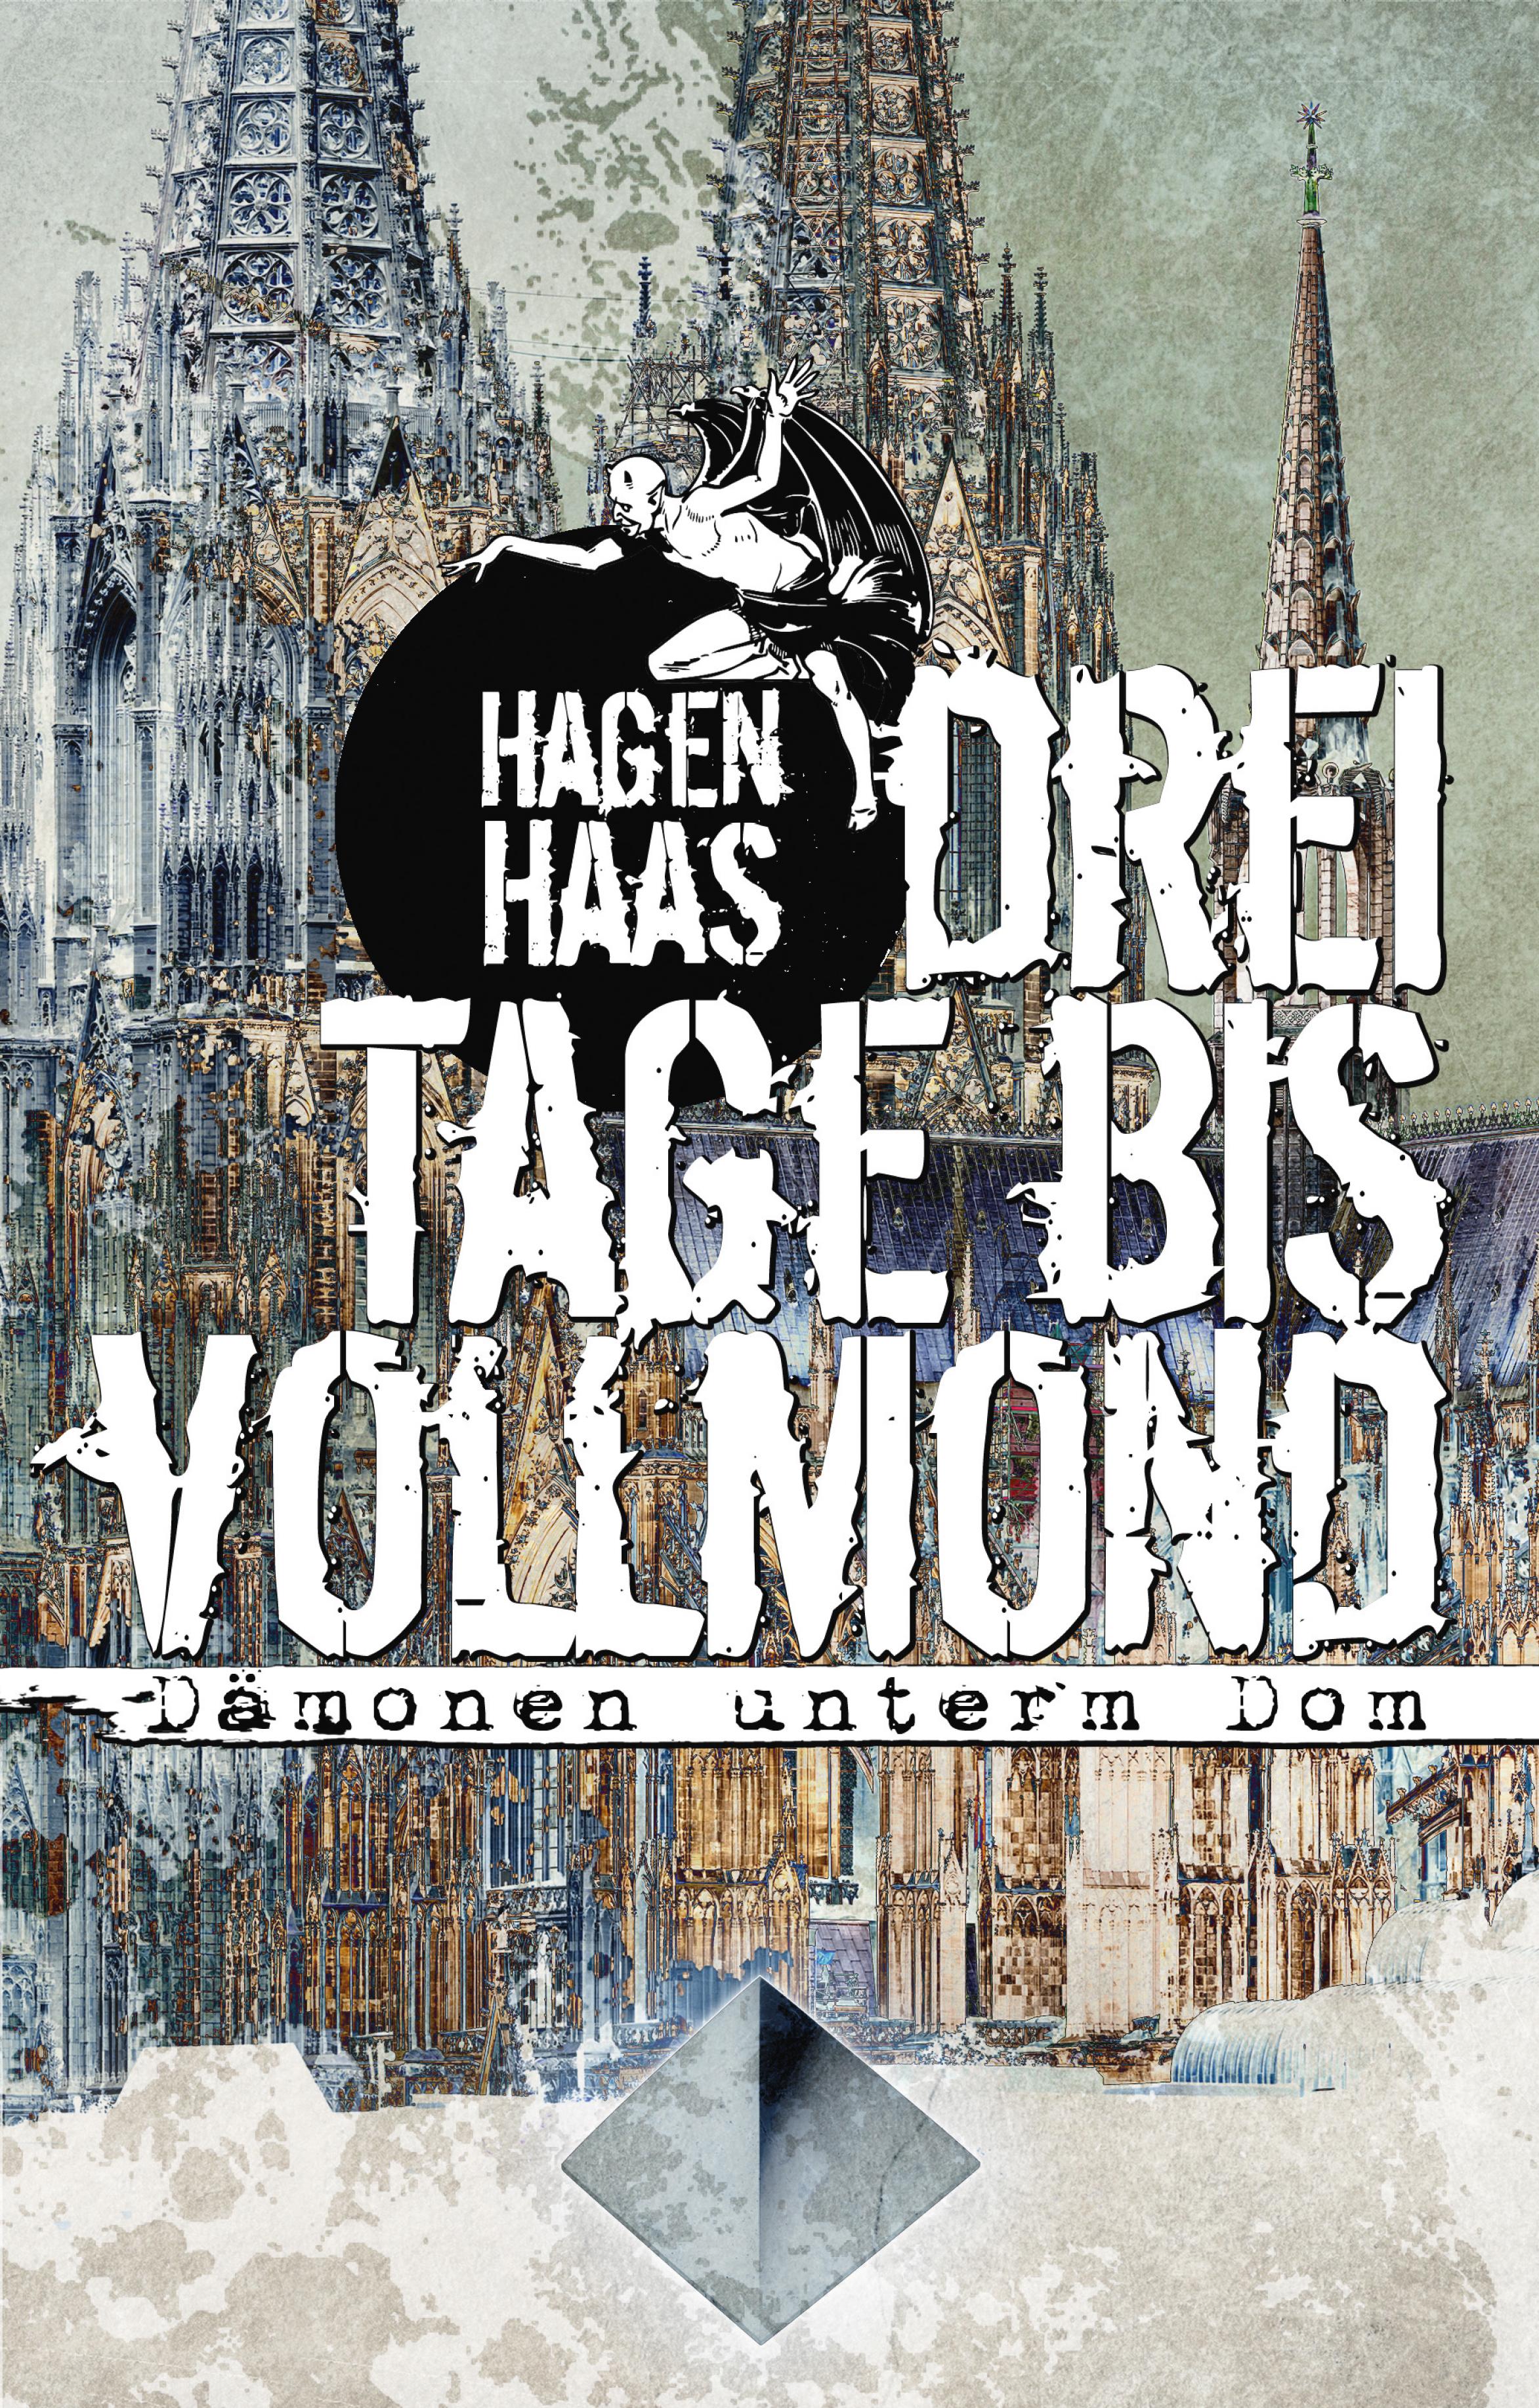 Hagen Haas Drei Tage bis Vollmond